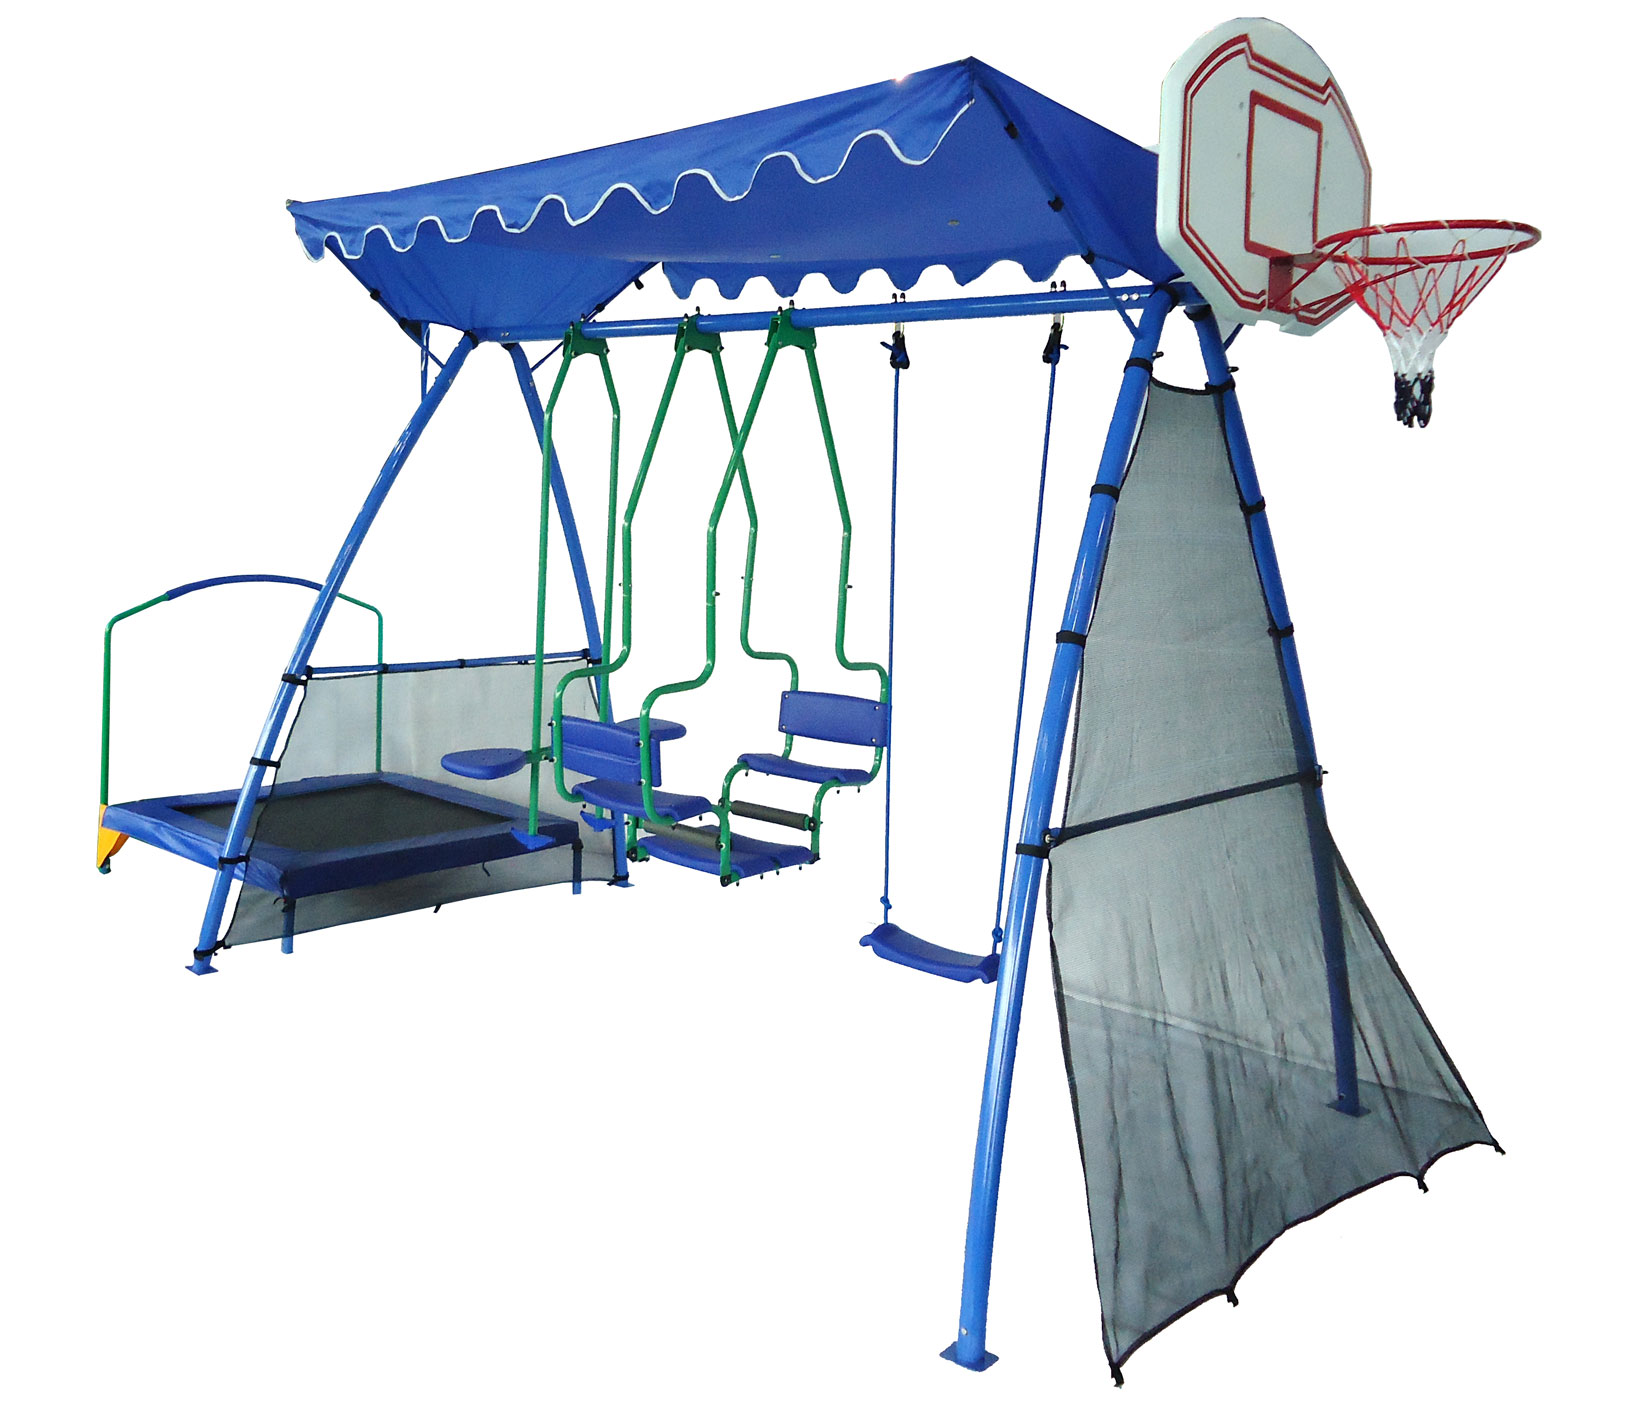 Детский городок 5 в 1 «Универсальный» Deluxe SR баскетбольный щит с кольцом dfc для батутов kengo